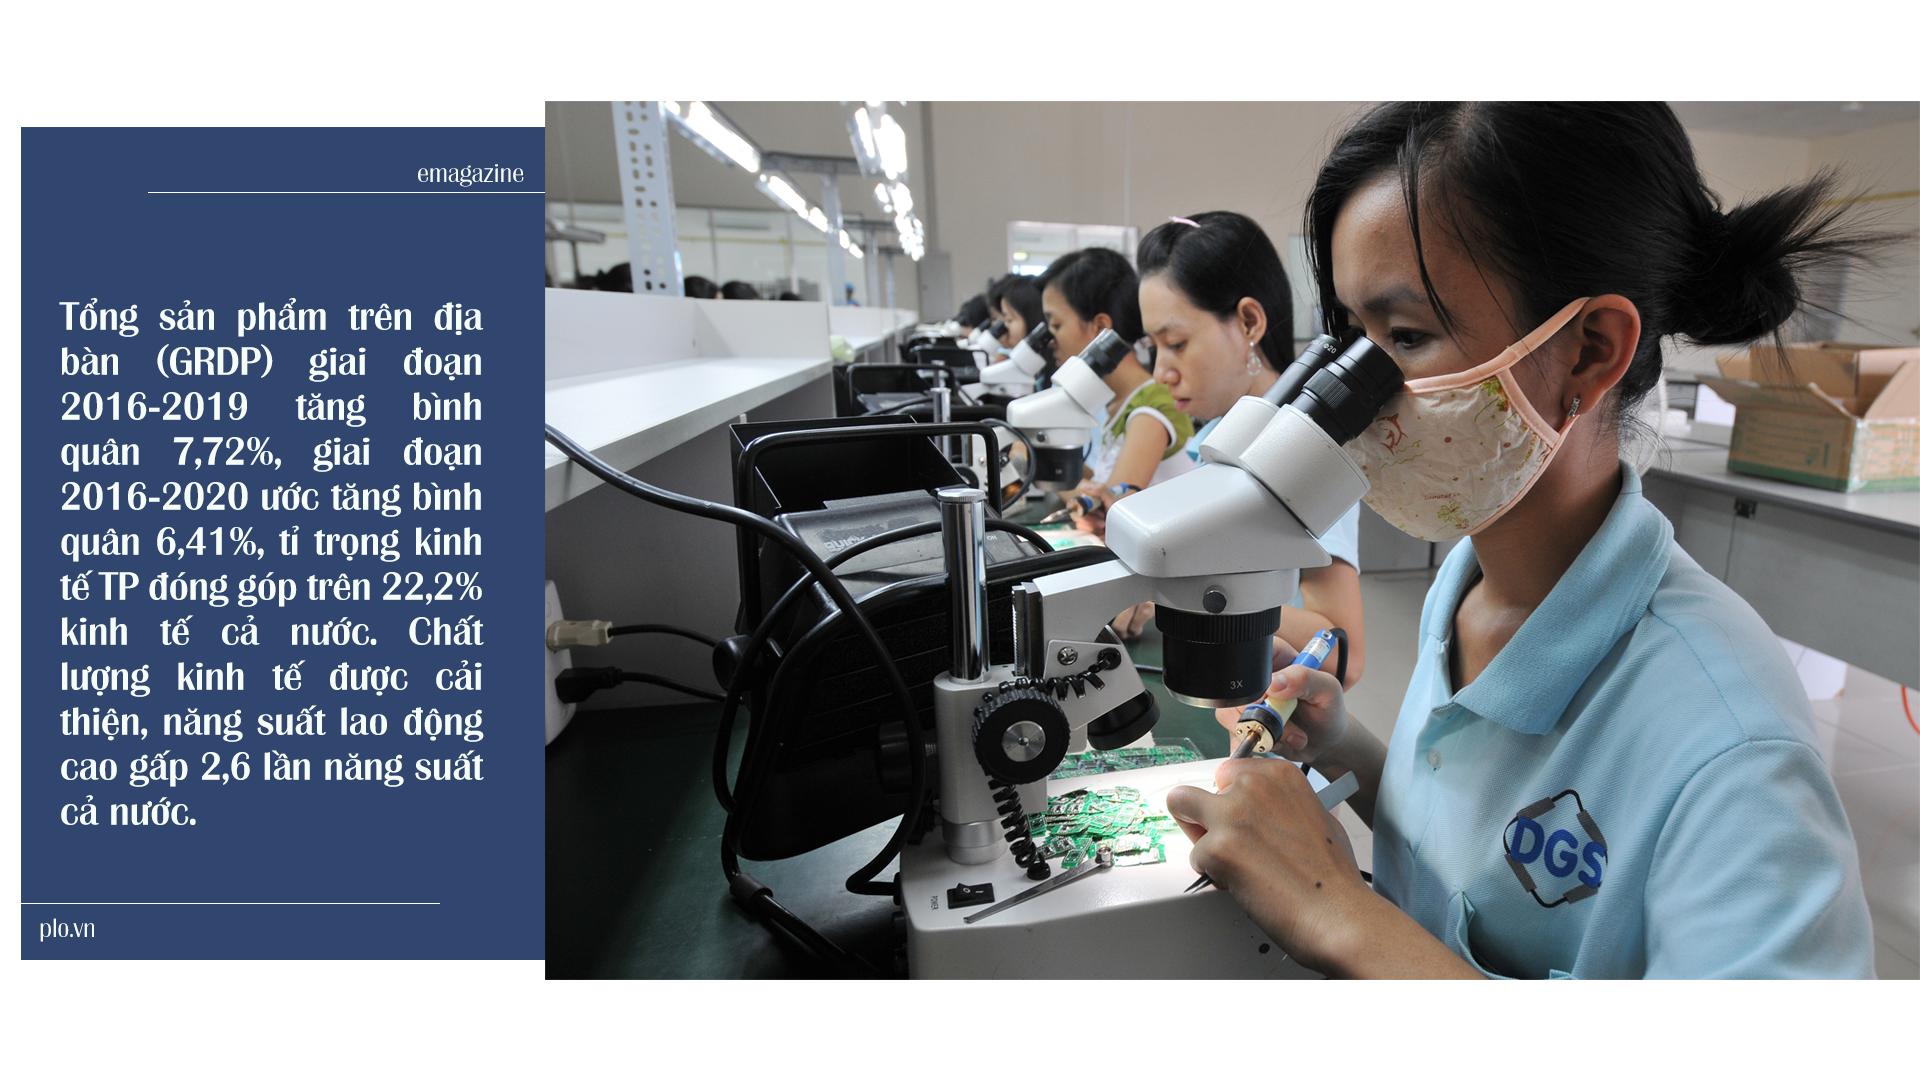 Emagazine: 5 thành tựu lớn của TP.HCM trong nhiệm kỳ 2015-2020 - ảnh 5